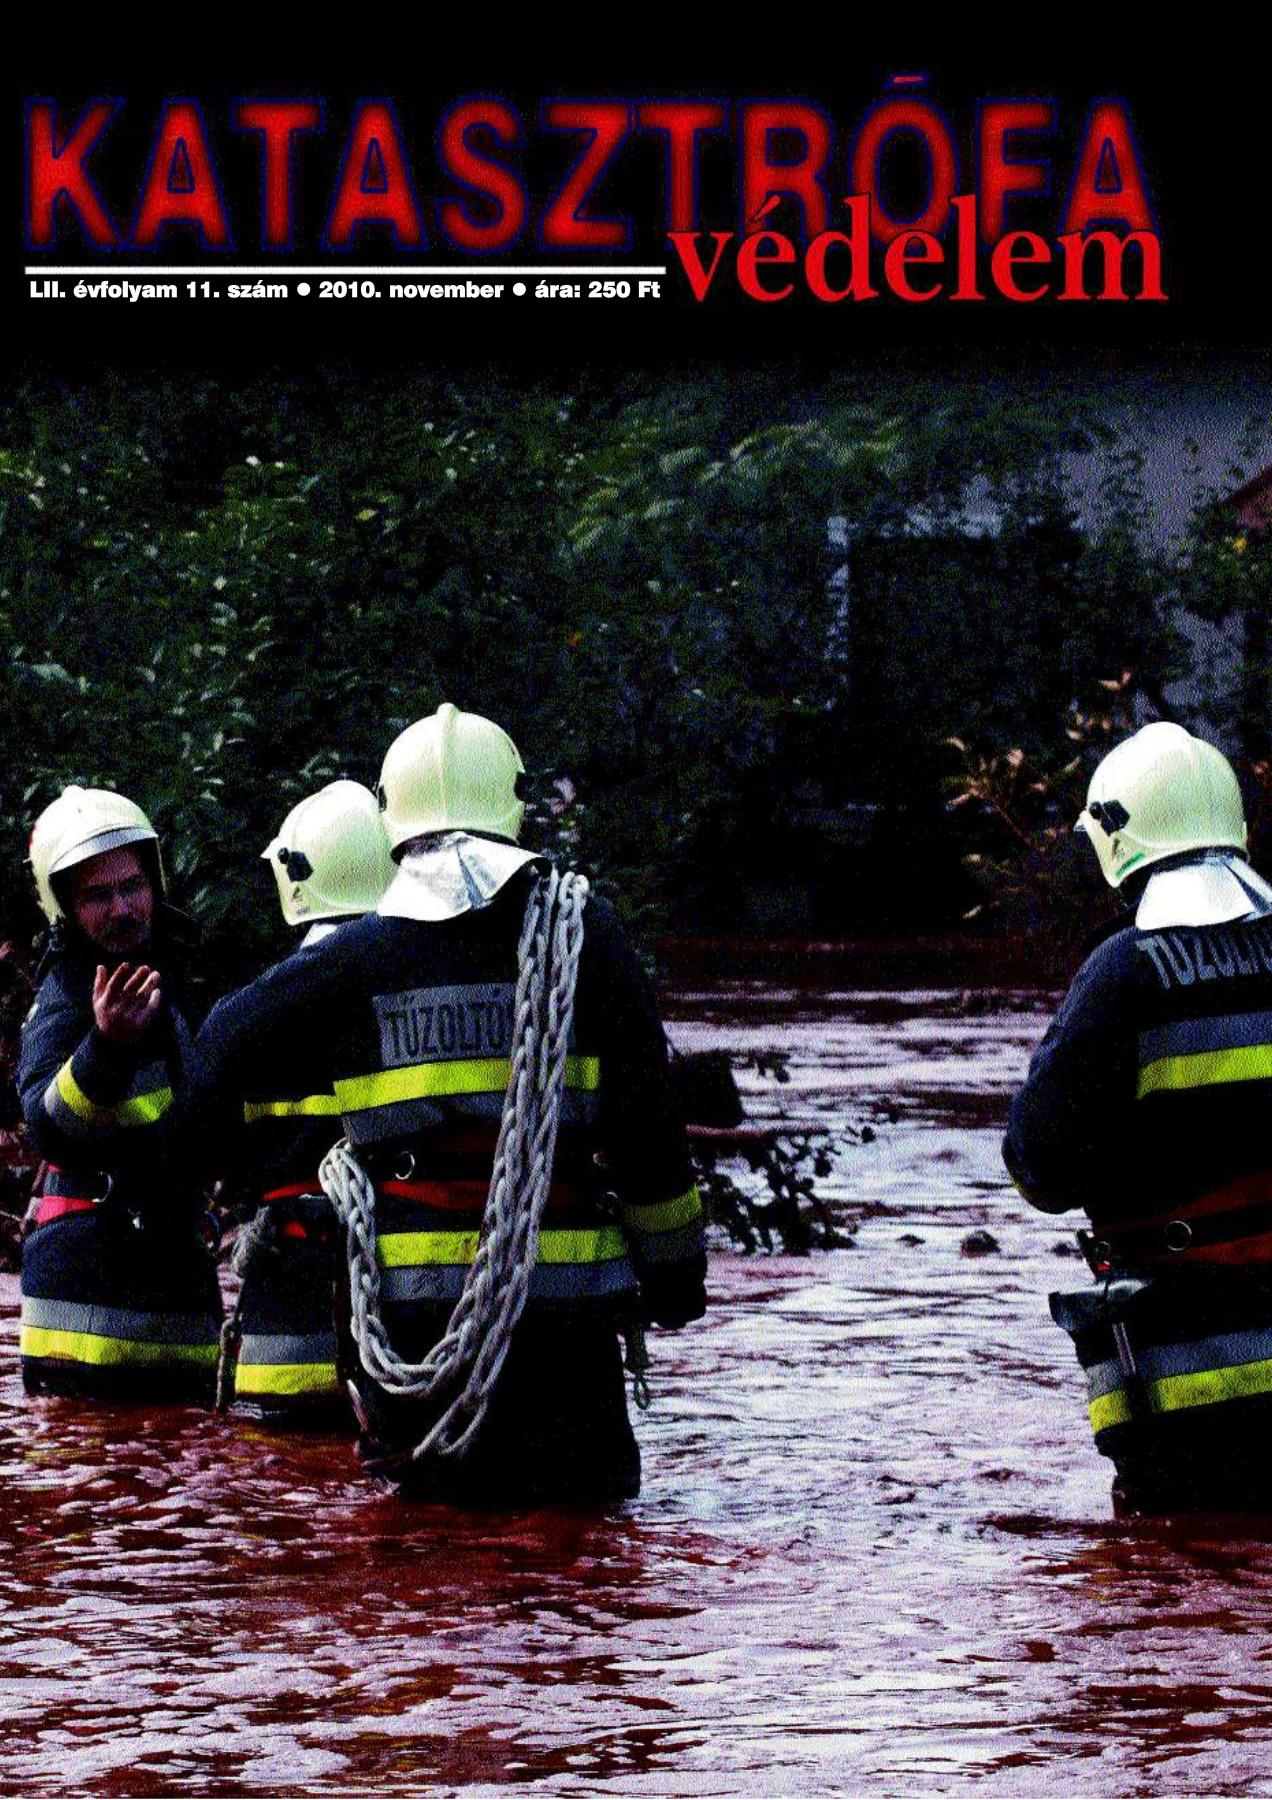 A Katasztrófavédelem magazin LII. évfolyam 11. szám megtekintése